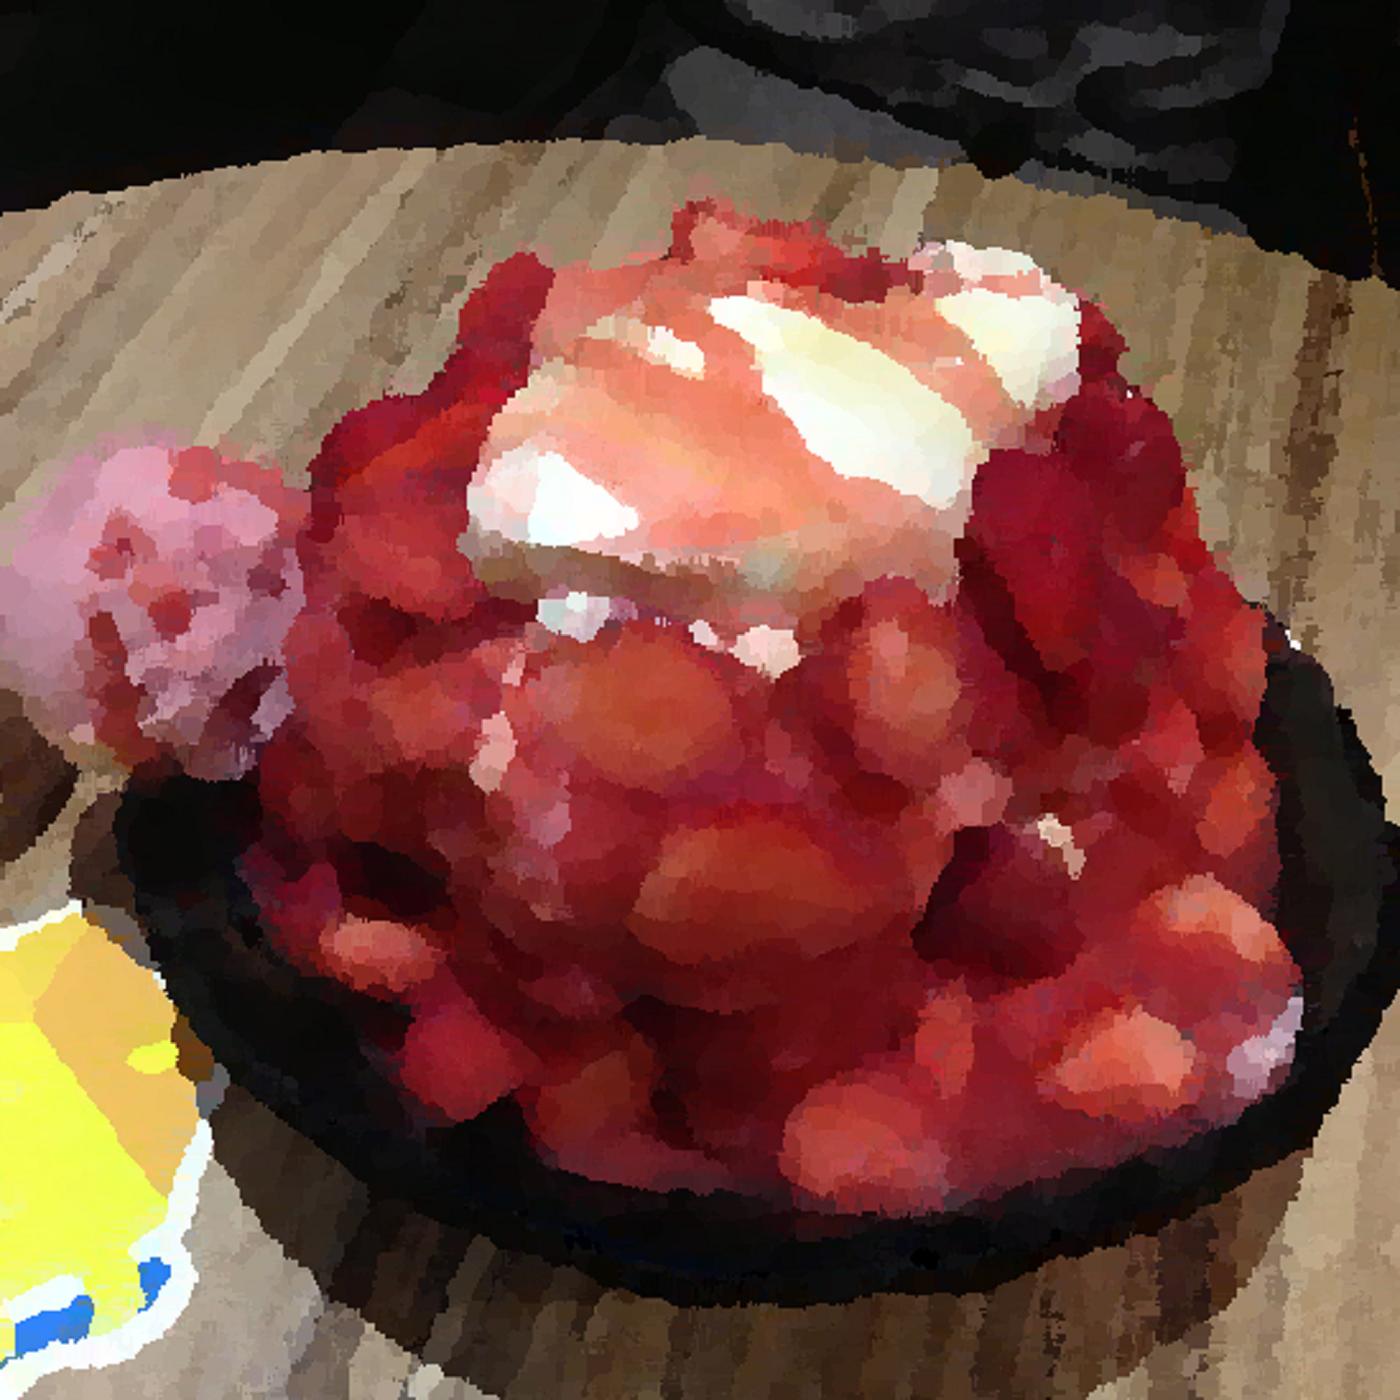 [小鬱好不好] 你眼中的小鬱-2:吃下草莓挫冰的那口「哇!」,各種莓生都是美好的存在 feat.《Yo! What's Up 在幹嘛》Kelly